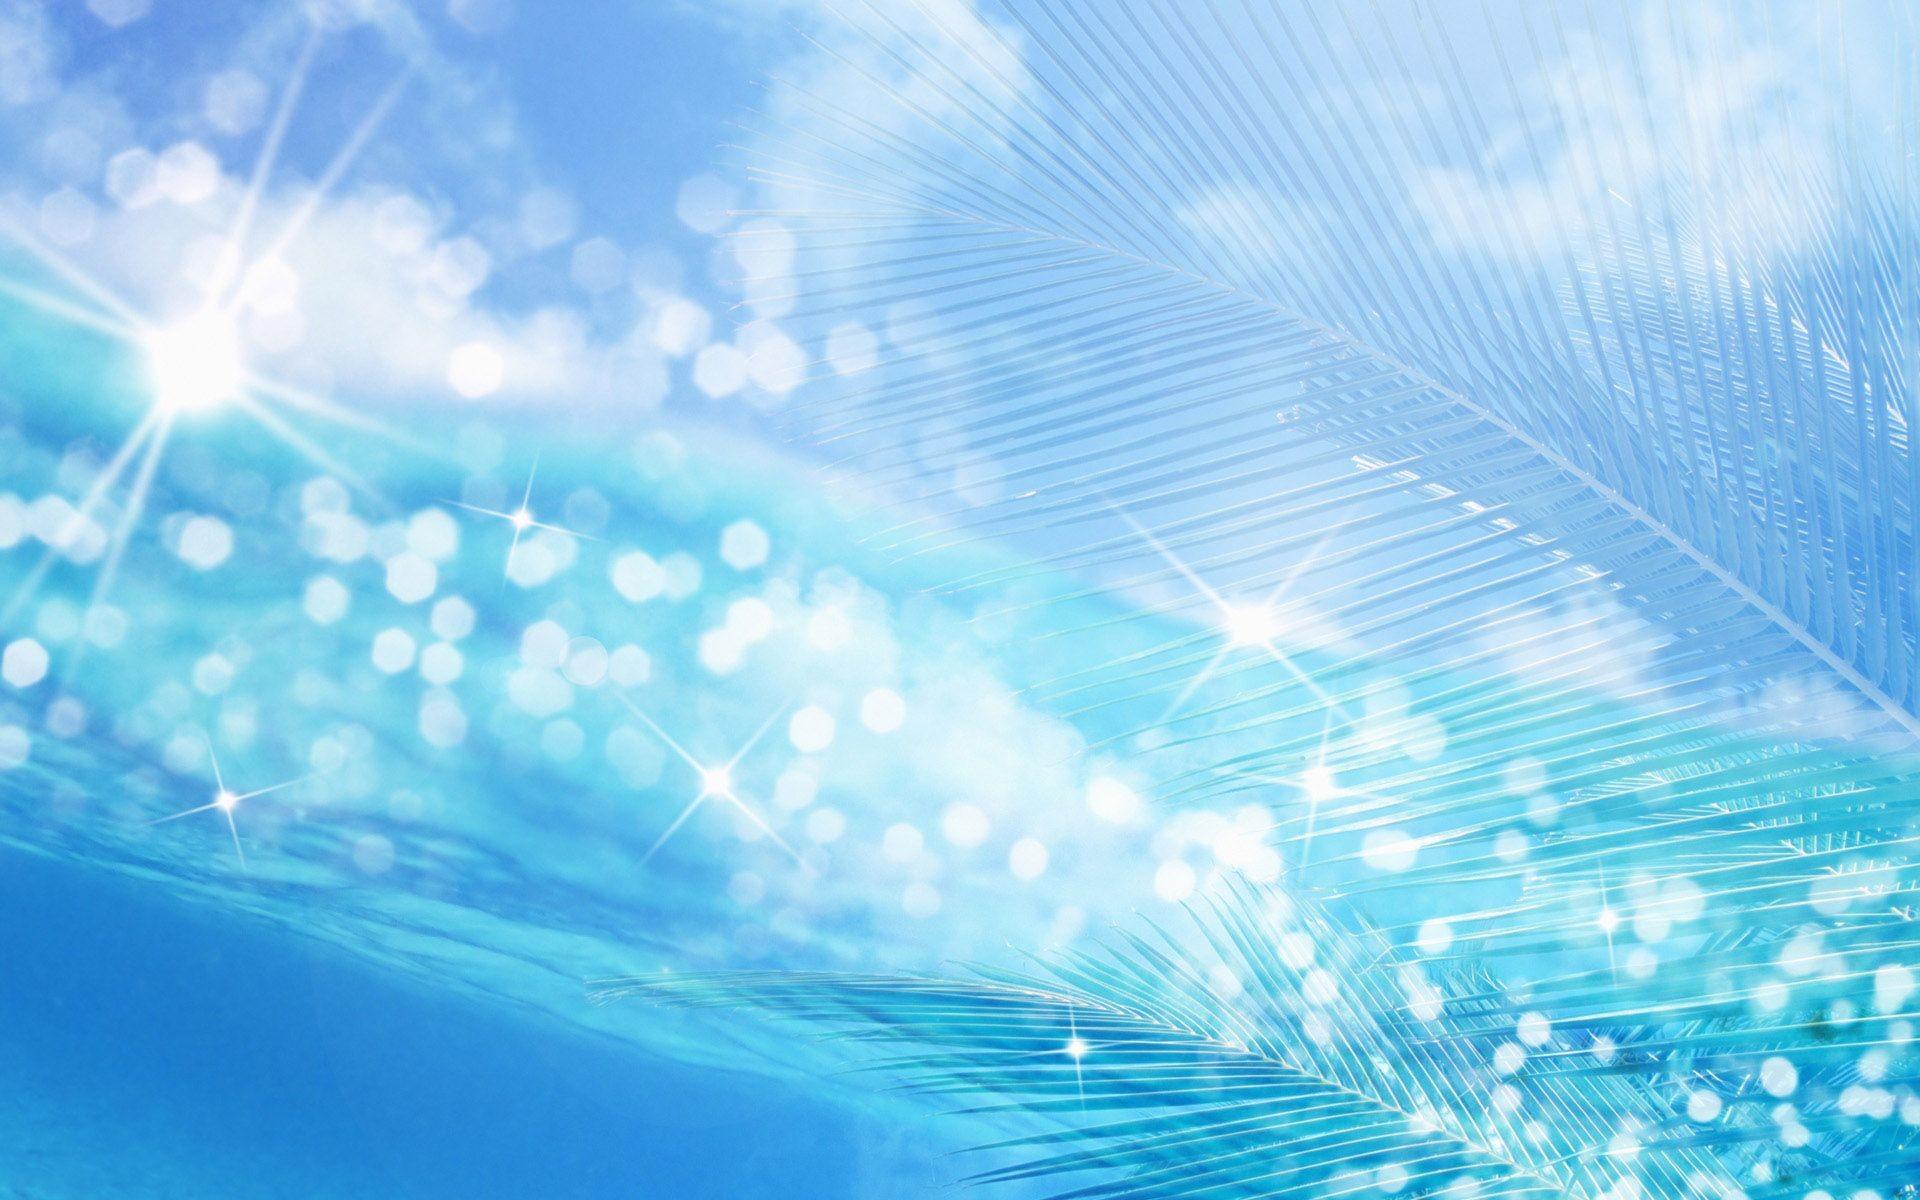 blue background for desktop